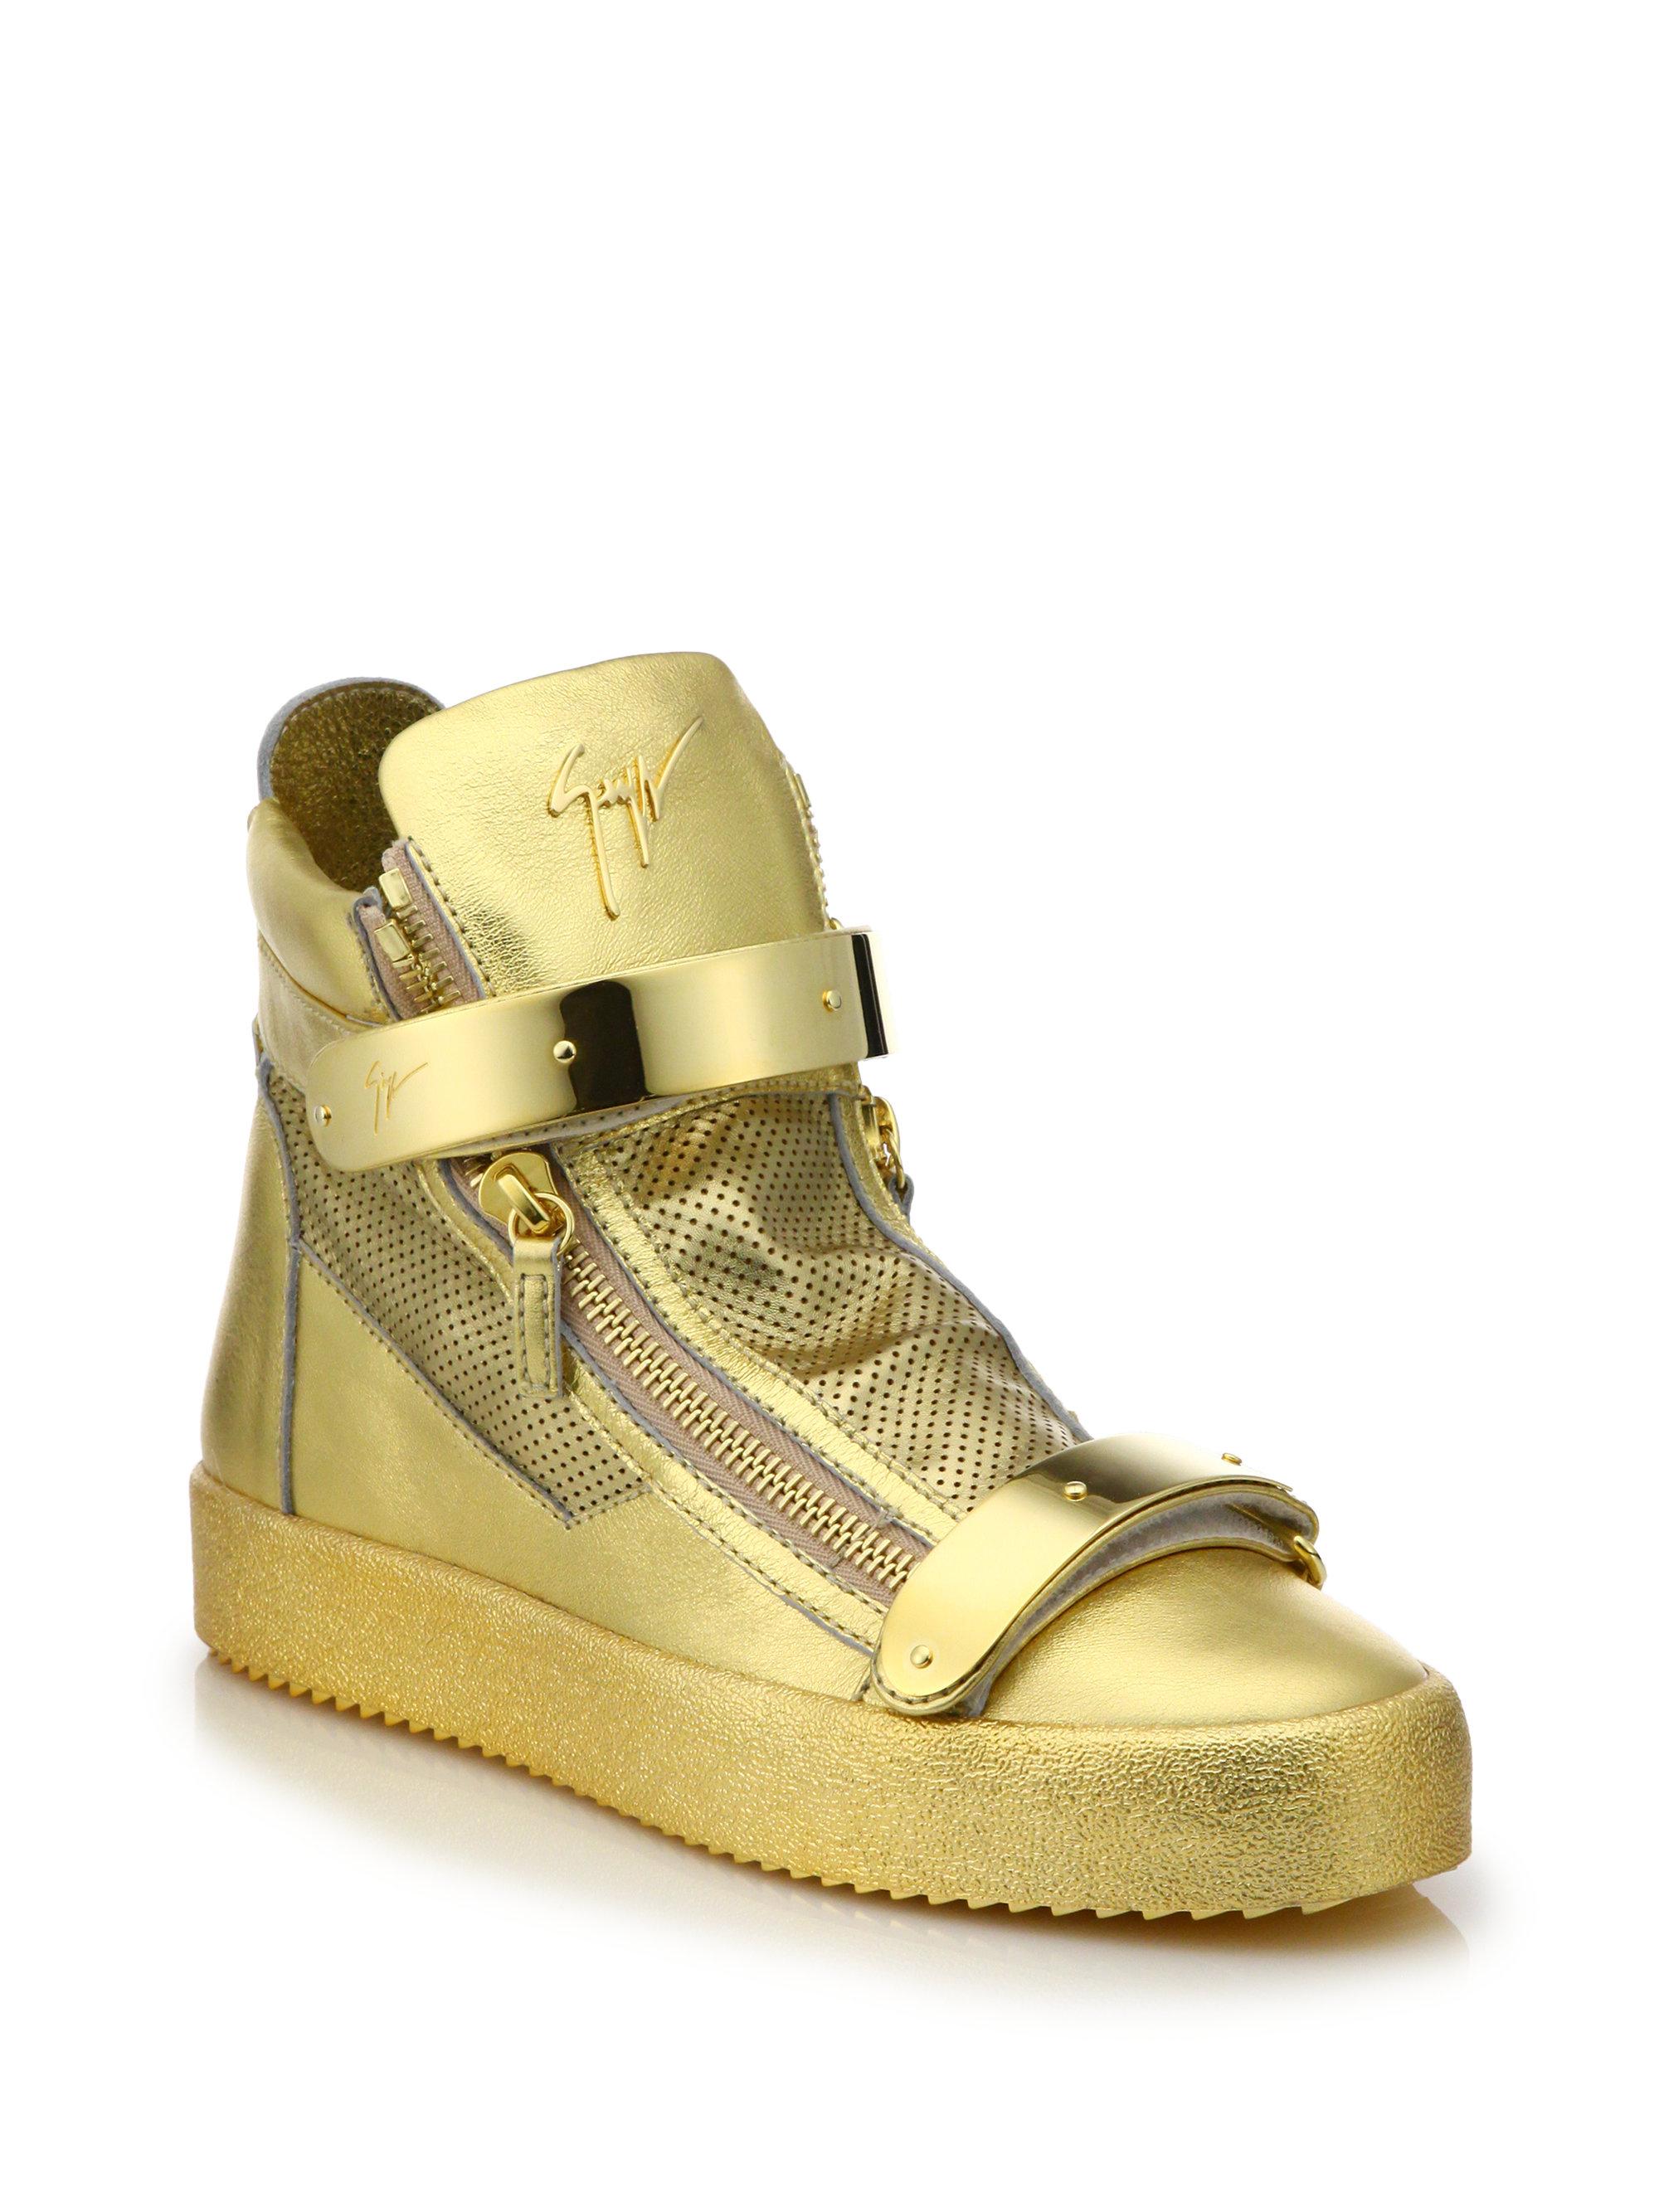 yellow giuseppe zanotti sneakers for women